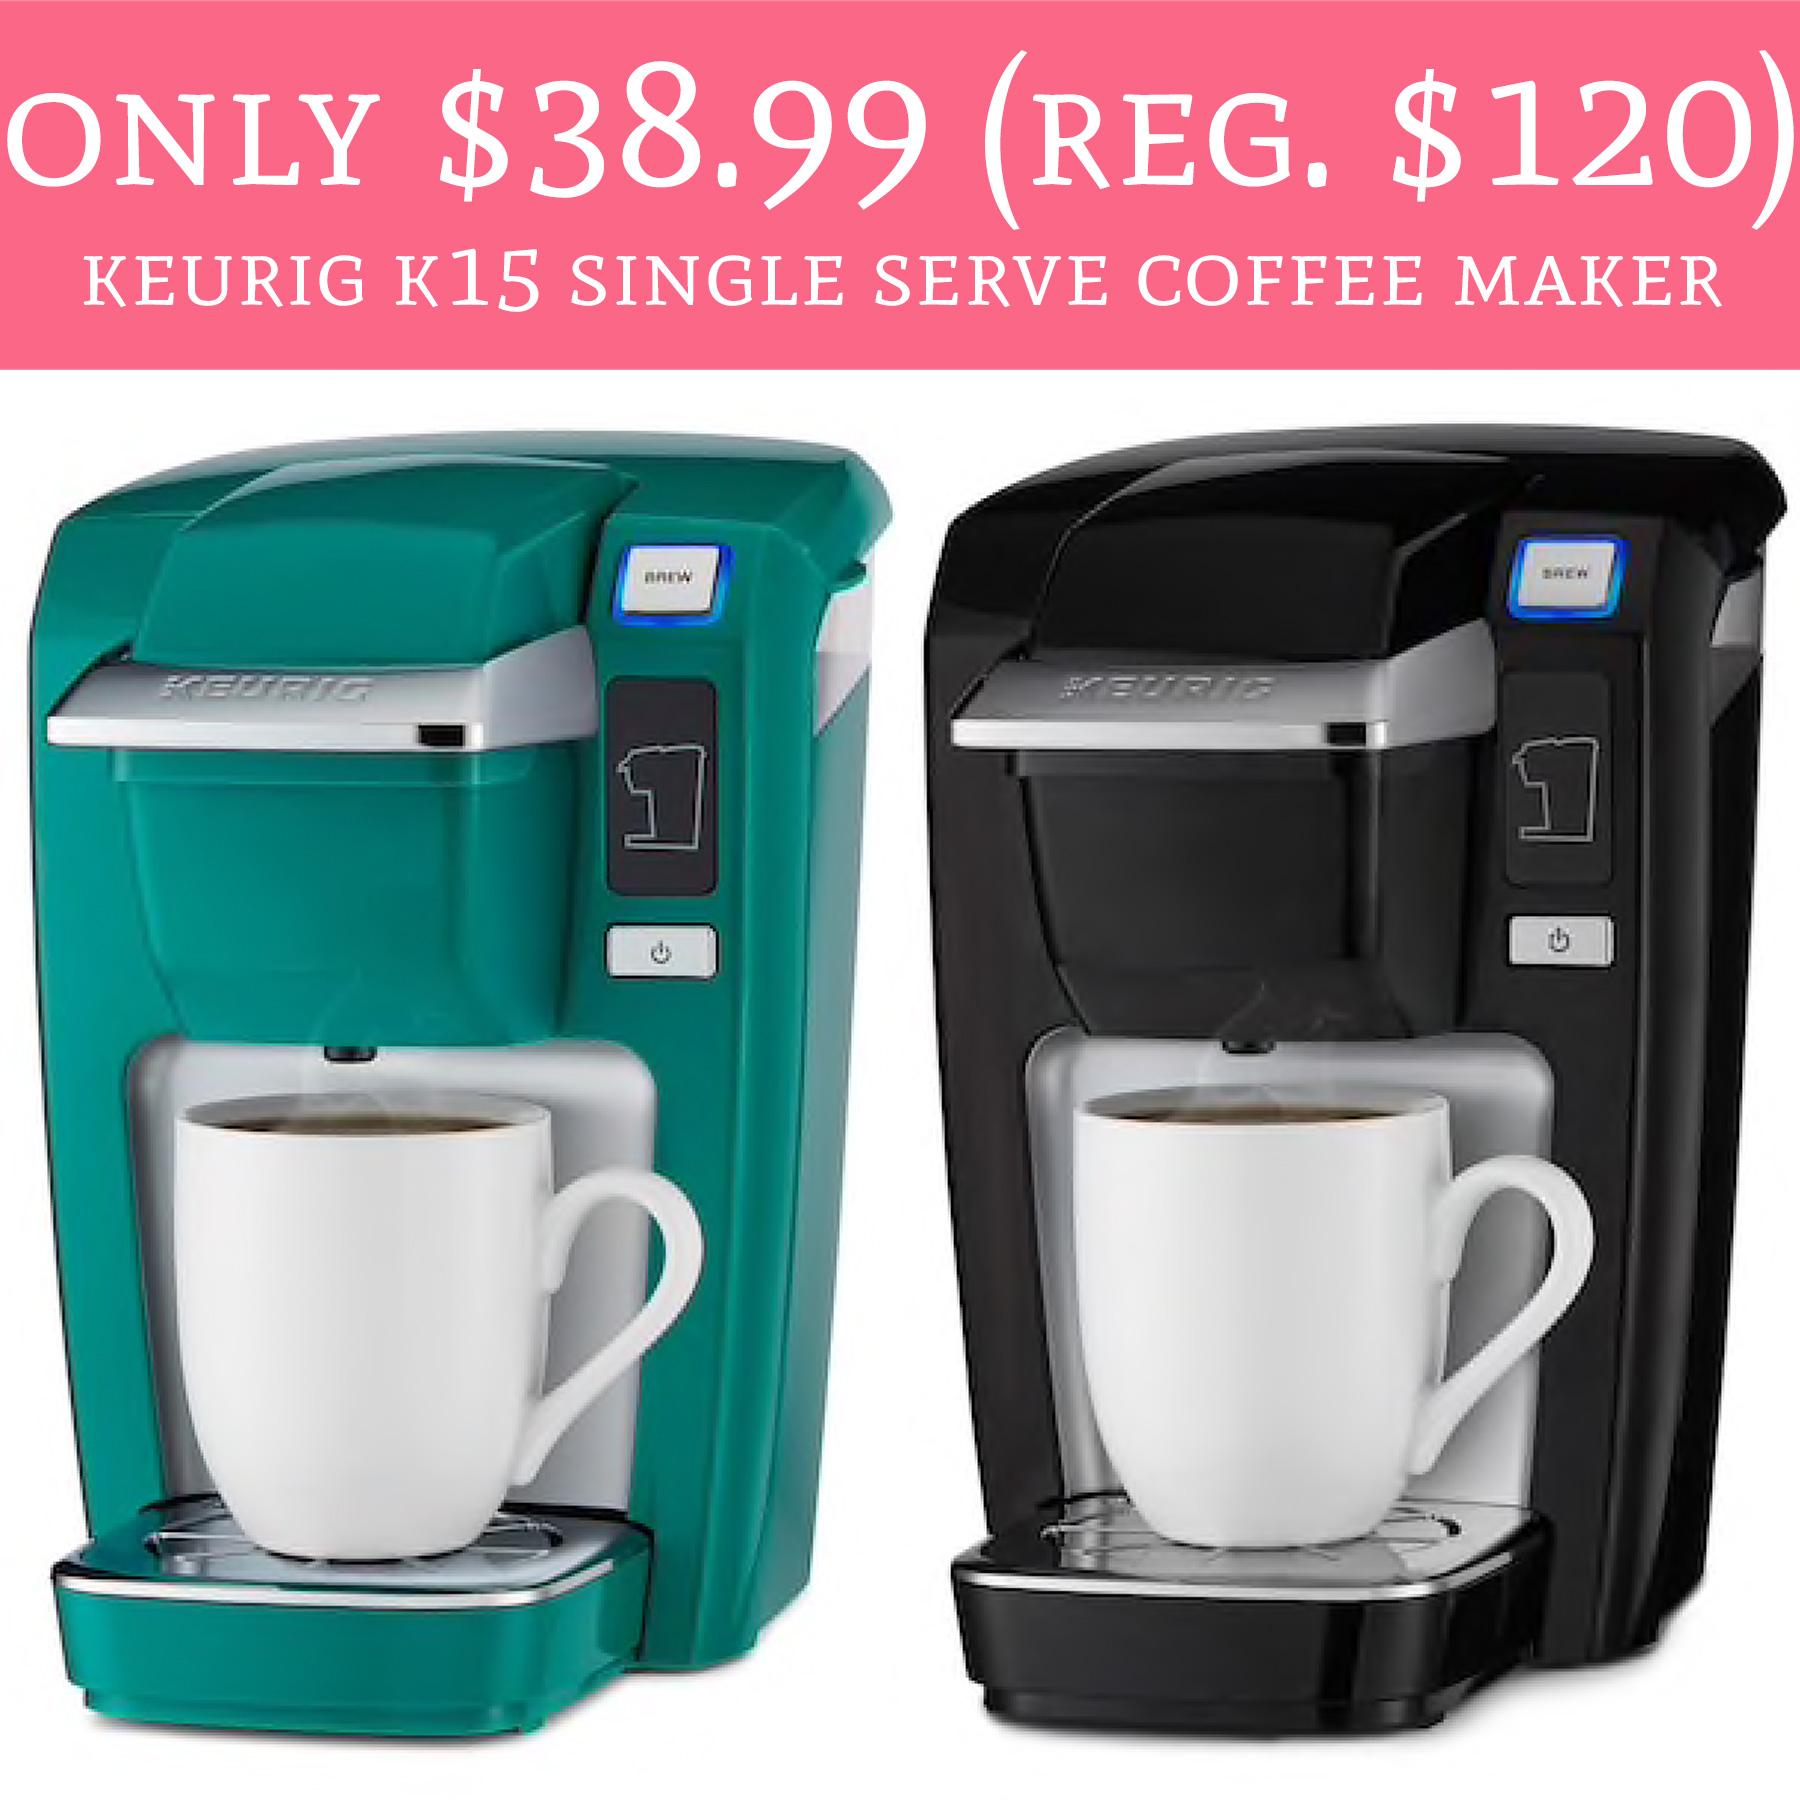 Only $38.99 (Regular $120) Keurig K15 Single Serve Coffee Maker - Deal Hunting Babe